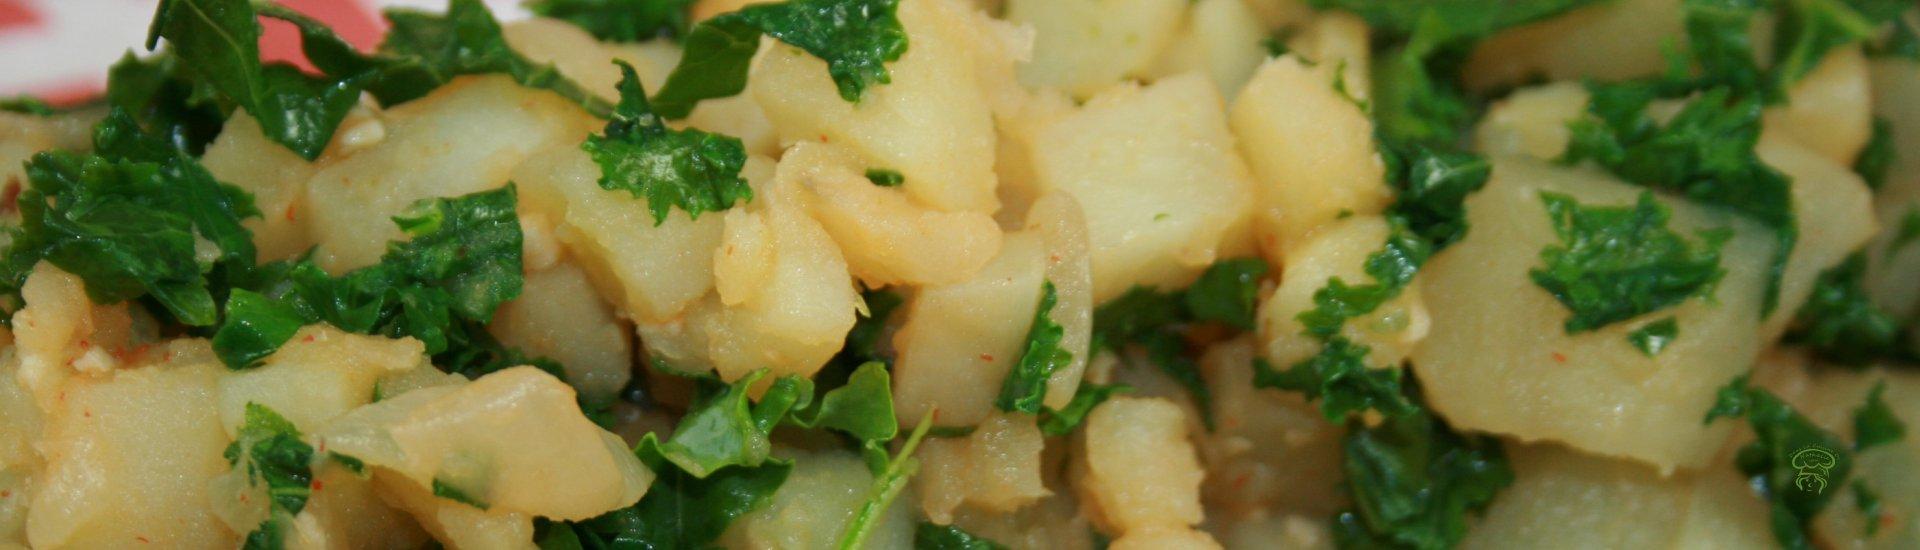 Poêlée de pommes de terre et chou kale à la Sriracha